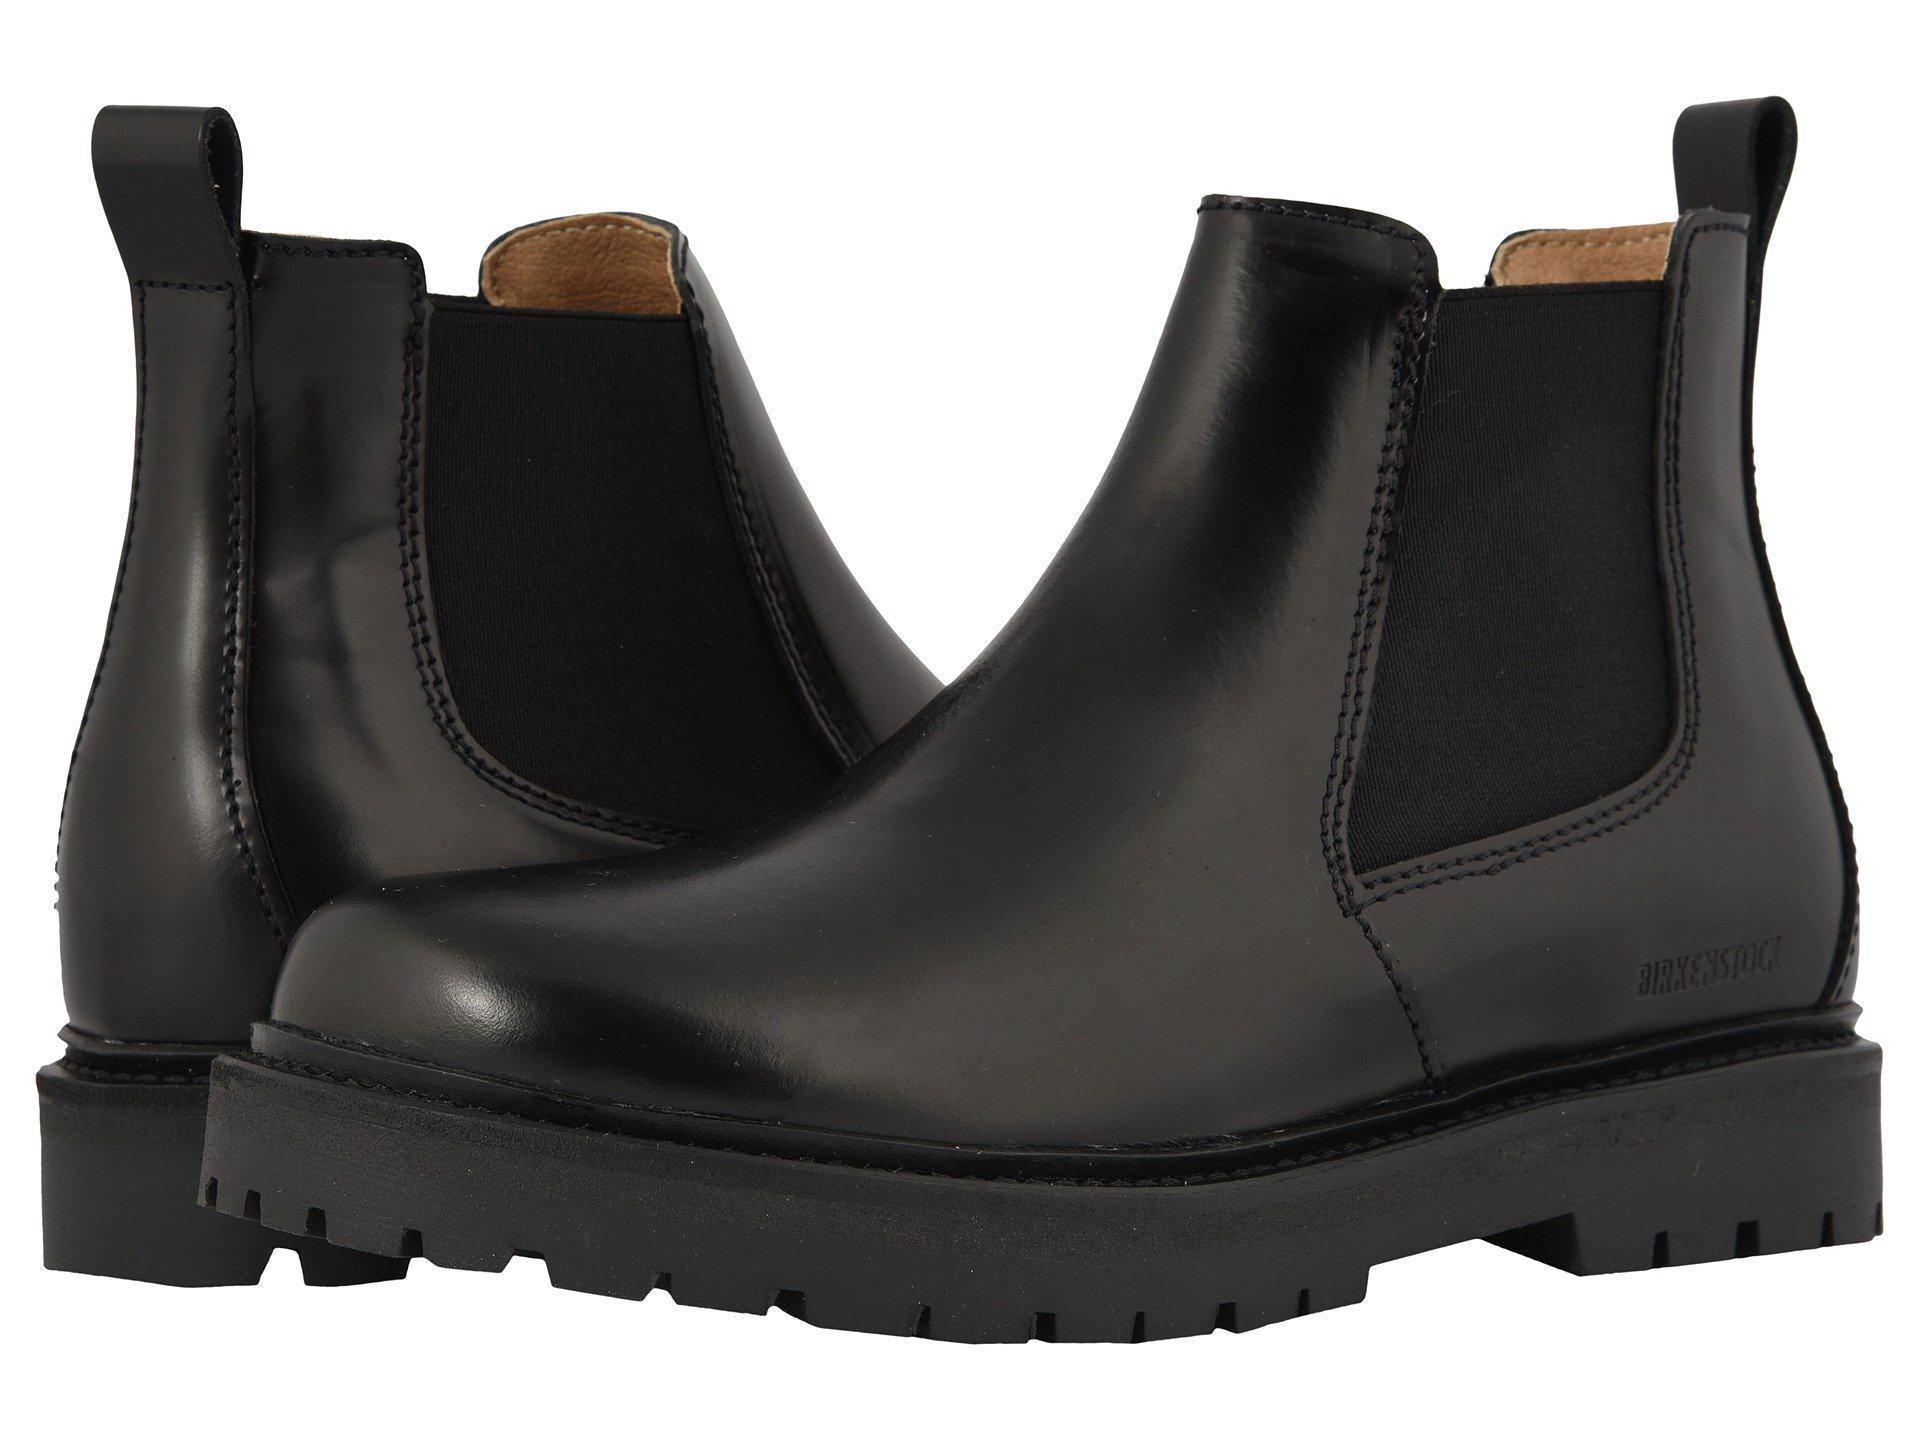 17218b15b040 Birkenstock Stalon (black Leather) Women's Shoes in Black - Lyst